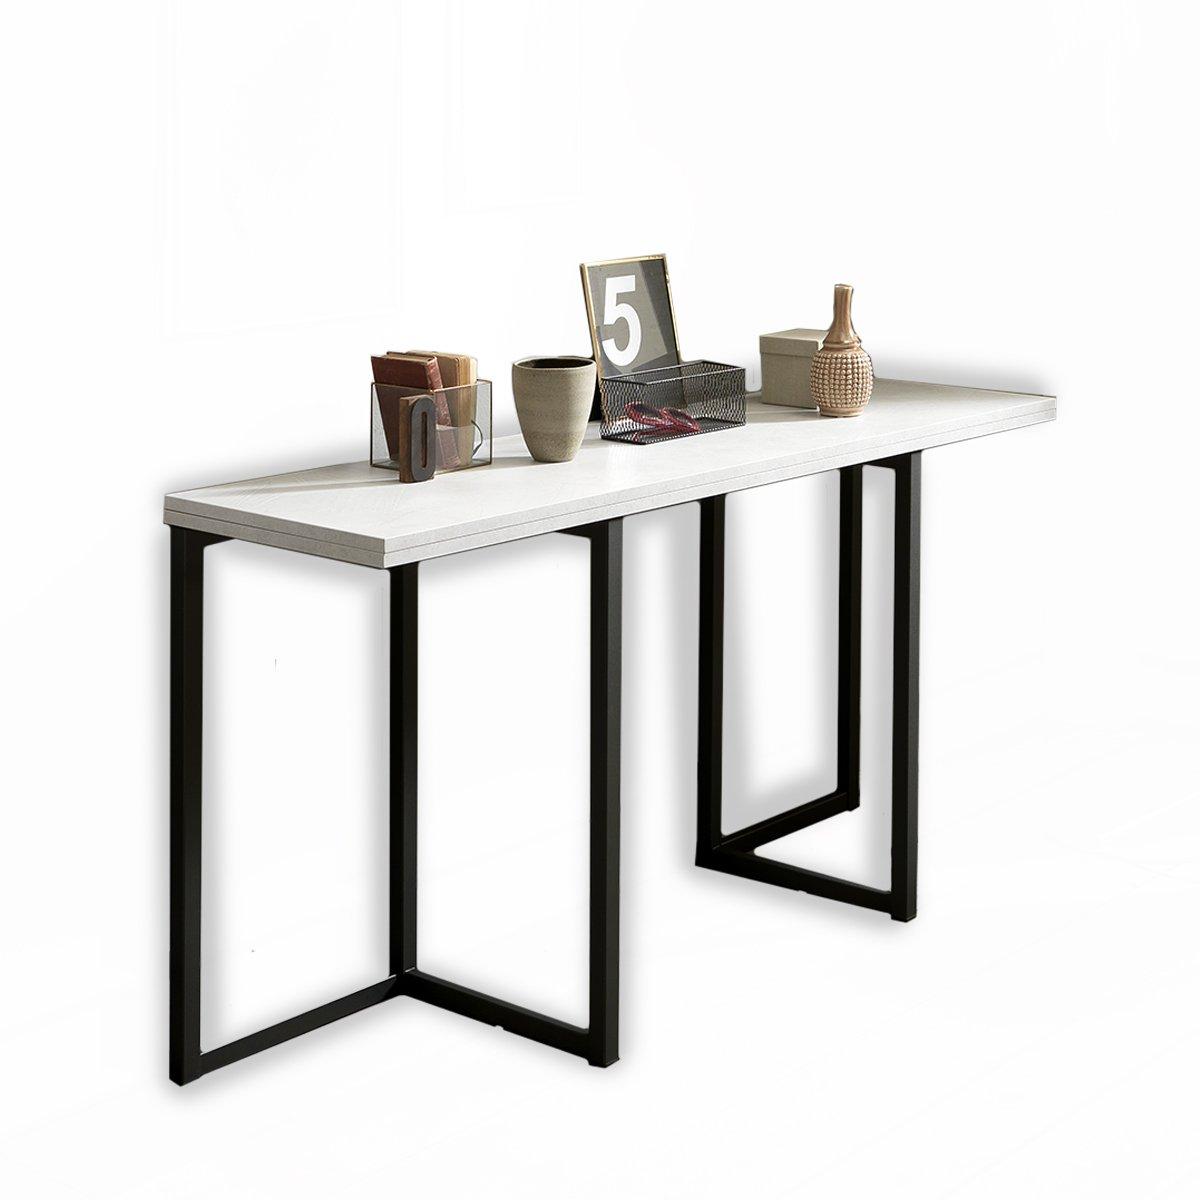 Table Pliante Extensible: Table Console Extensible Design Graphique